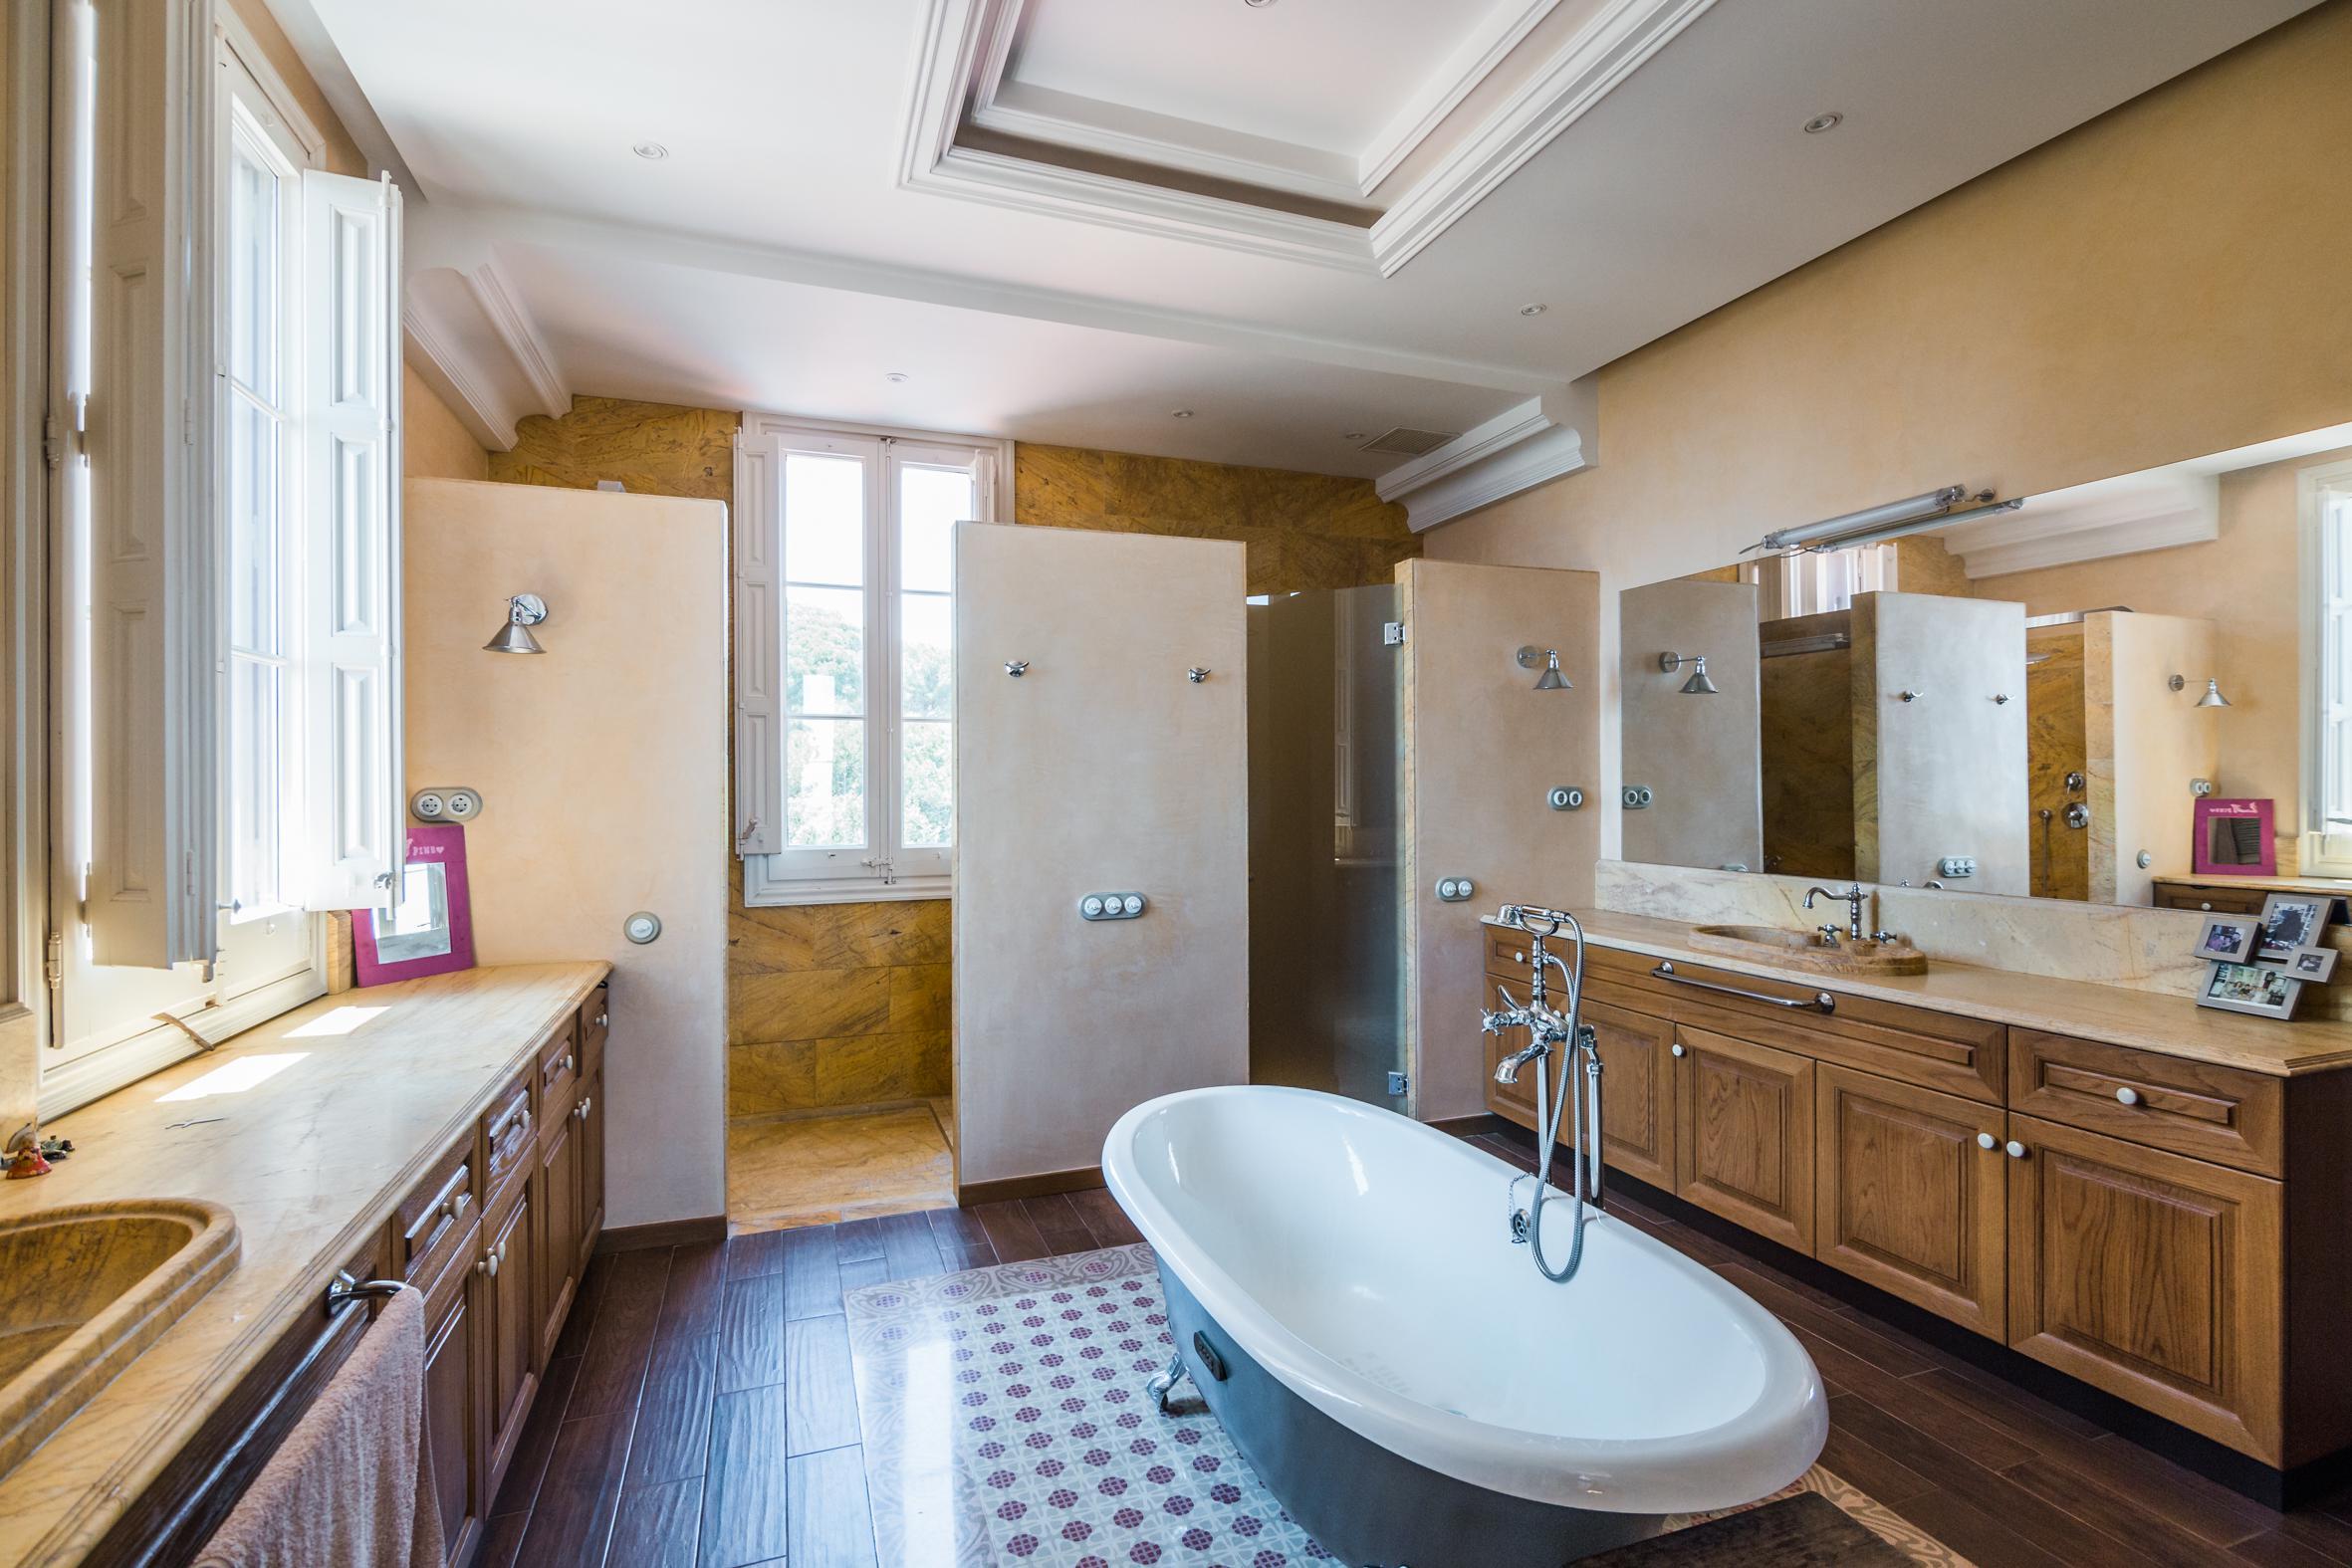 208148 Casa Aislada en venta en Sarrià-Sant Gervasi, Sarrià 10